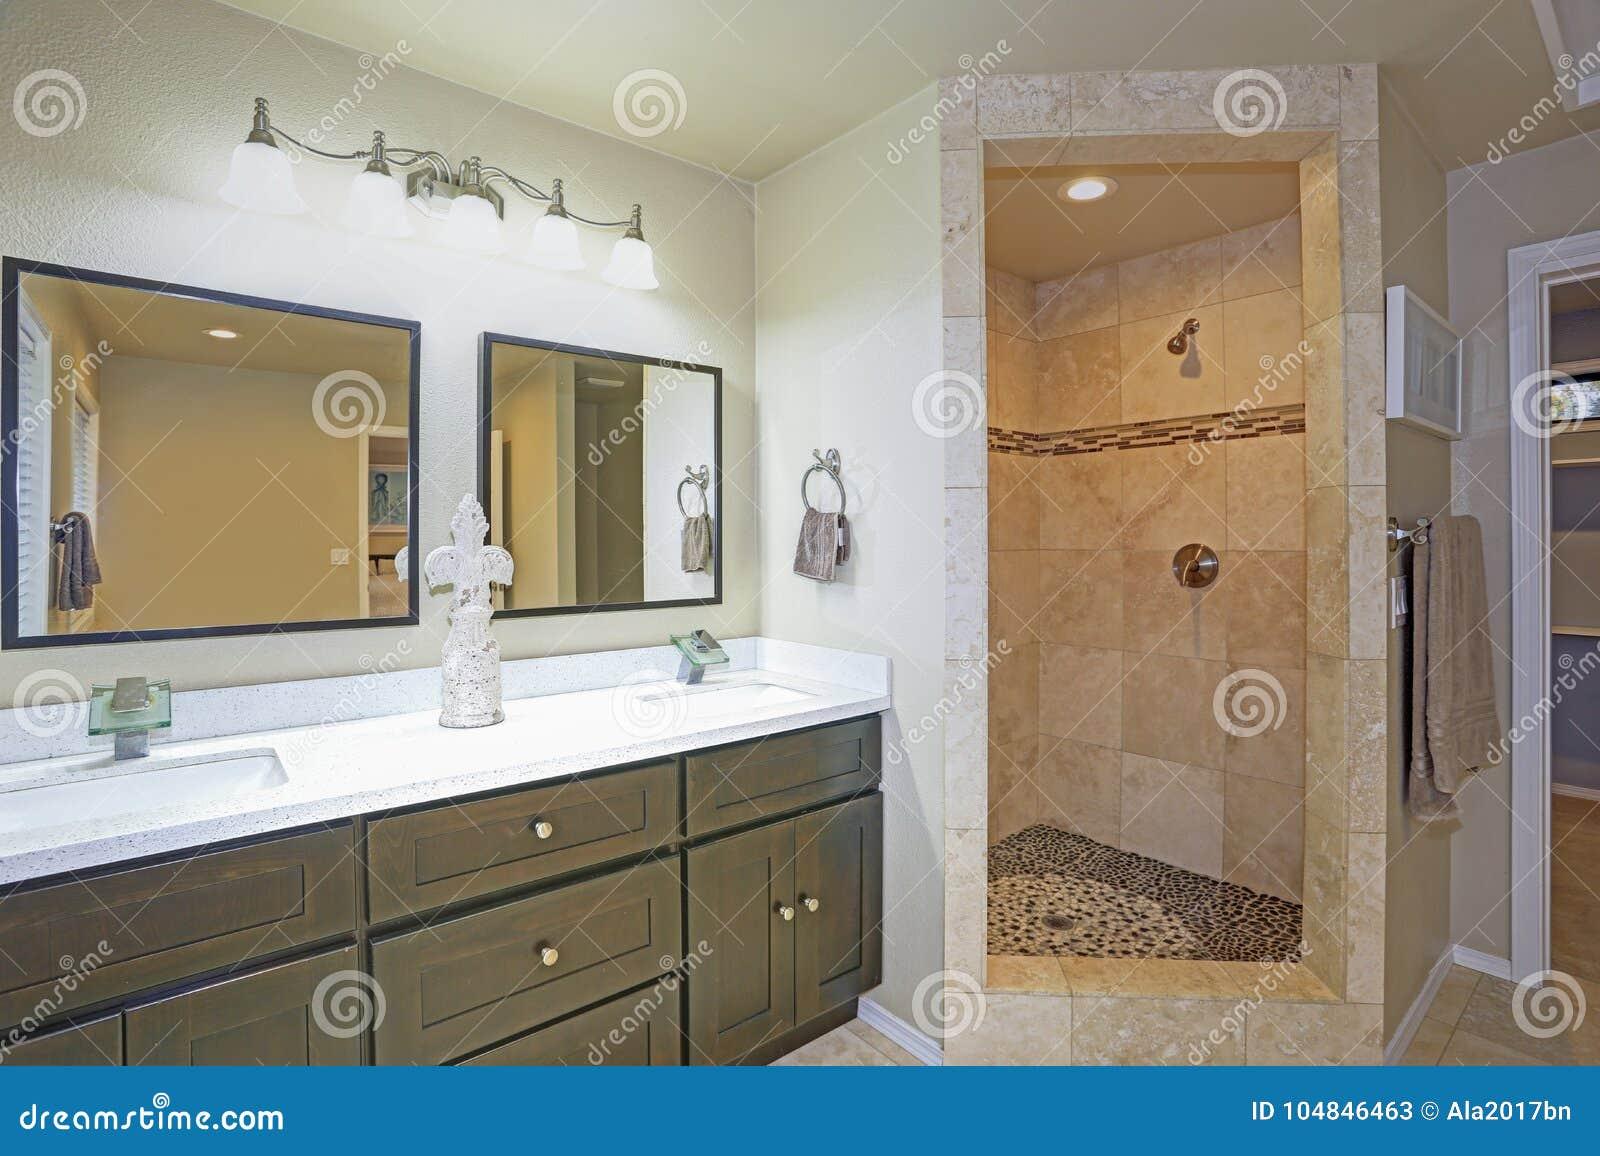 Hoofdbadkamersontwerp met dubbele ijdelheid en walk in douche